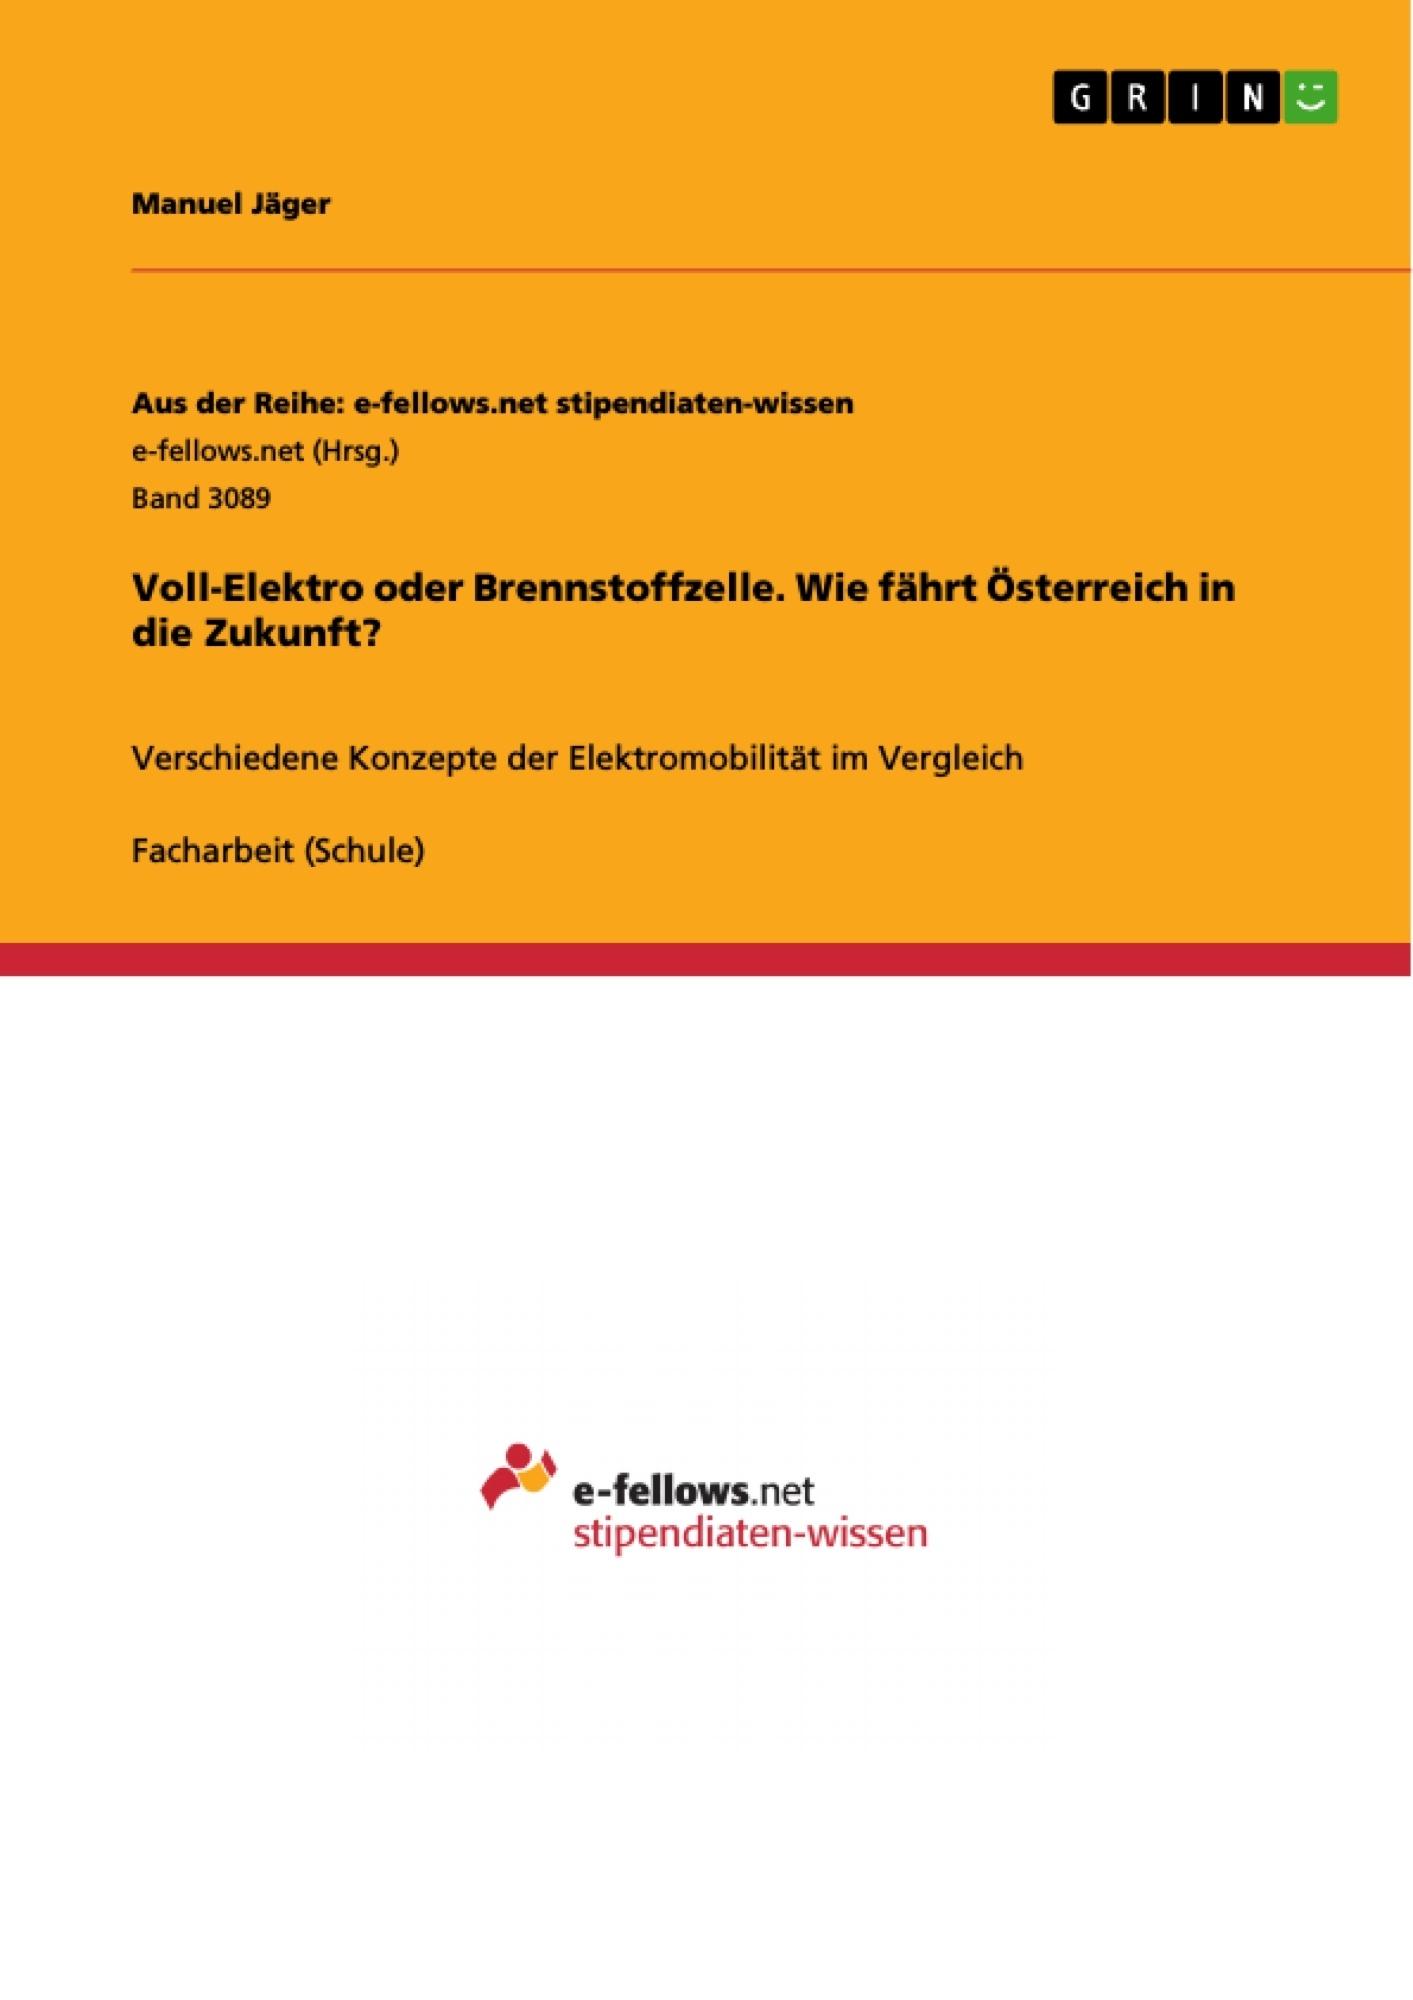 Titel: Voll-Elektro oder Brennstoffzelle. Wie fährt Österreich in die Zukunft?